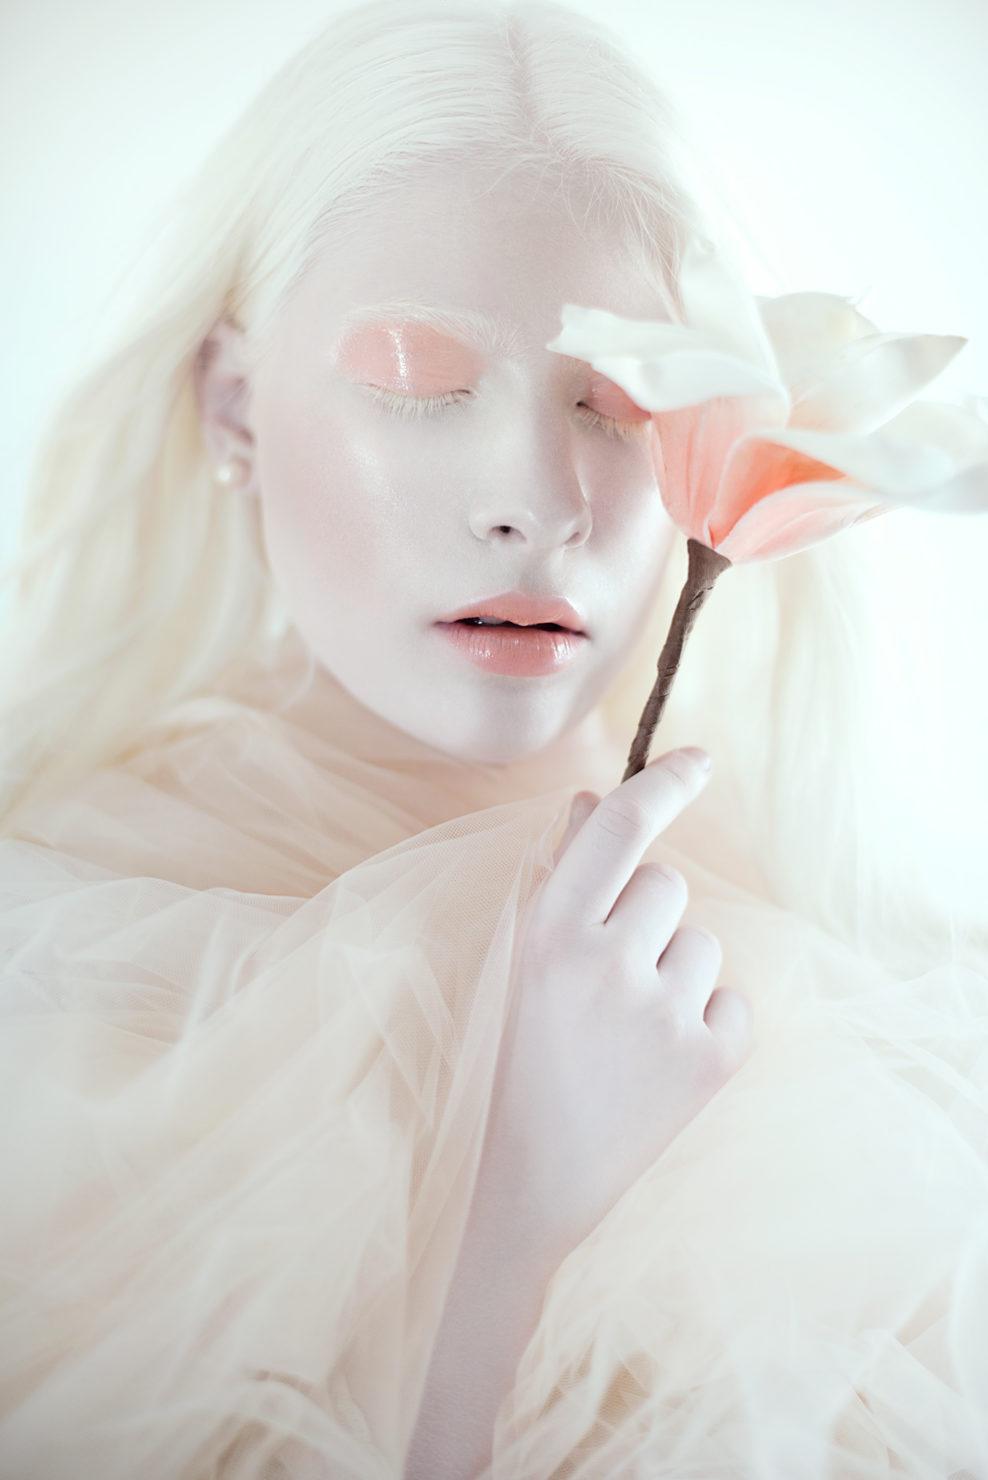 La bellezza oltre gli stereotipi di Matilde e Angelica, sorelle italiane albine